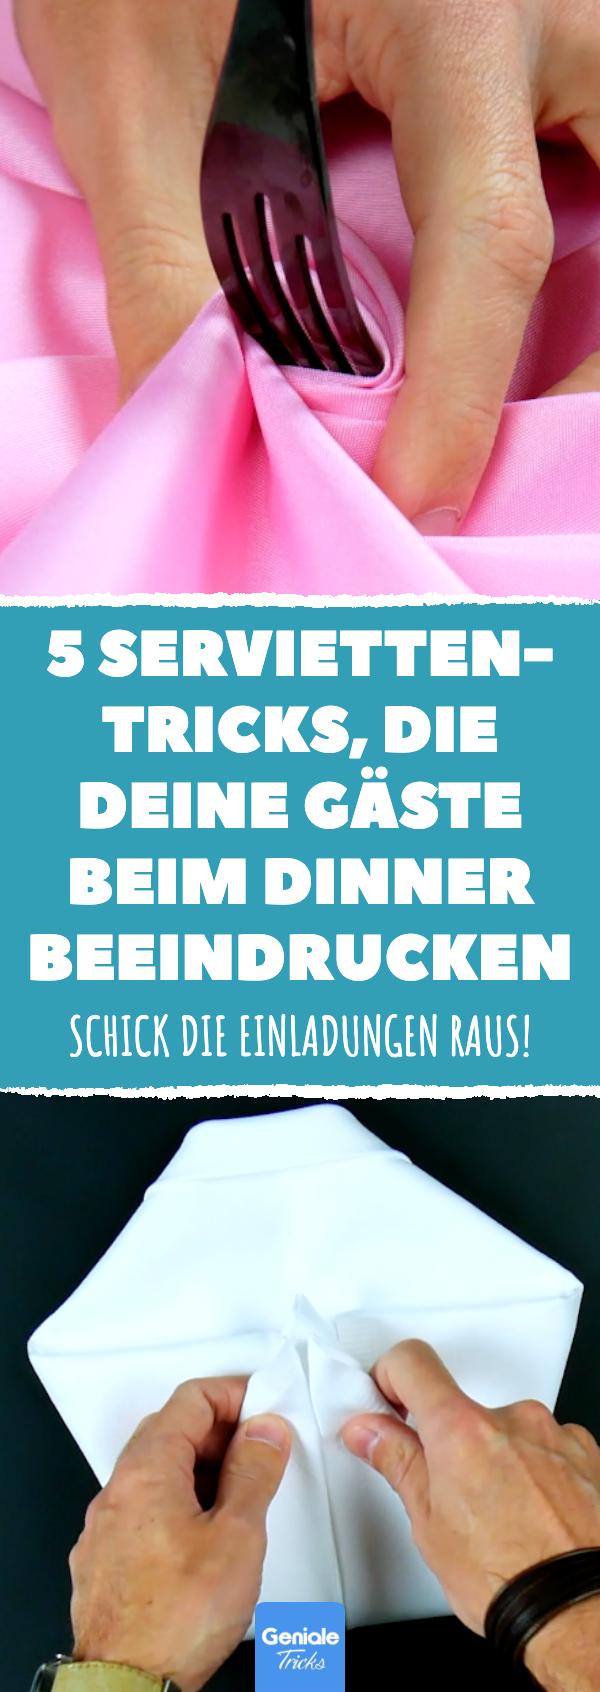 5 Servietten-Tricks, die deine Gäste beim Dinner beeindrucken